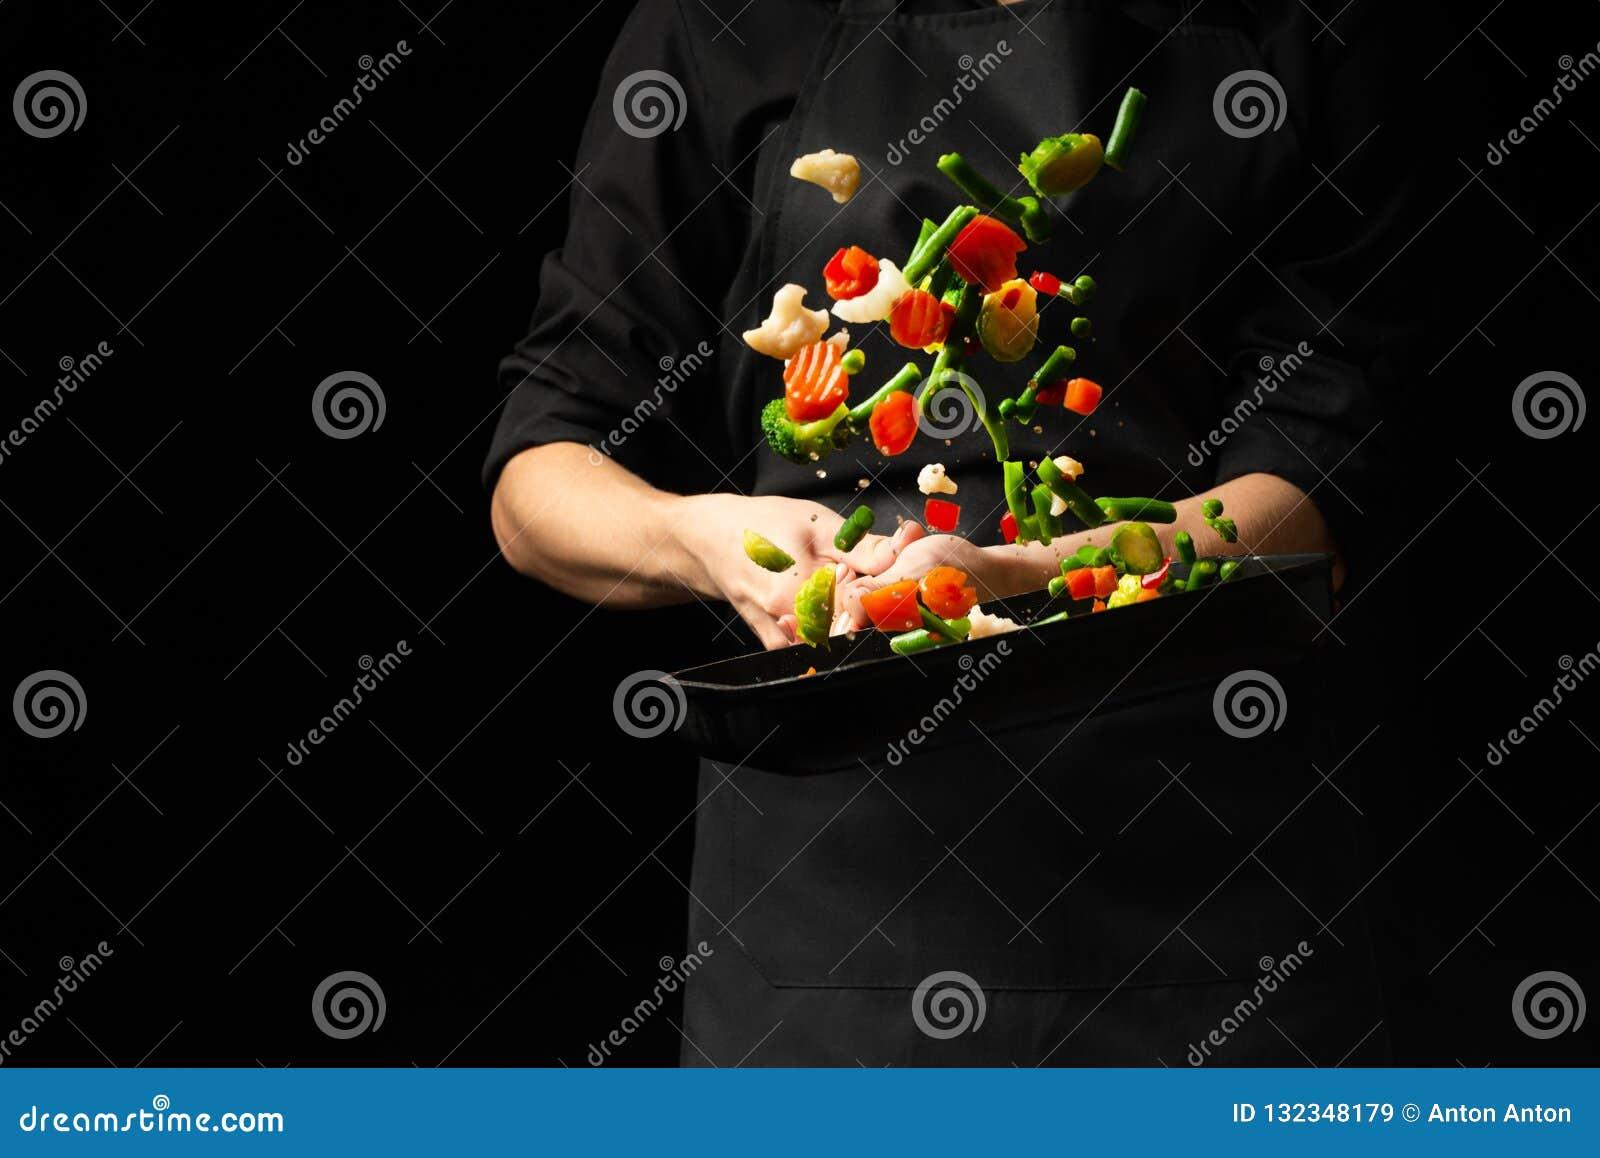 Cozinheiro profissional Prepara um prato com vegetais em uma caçarola no fundo preto, menu, livro da receita, alimento saudável